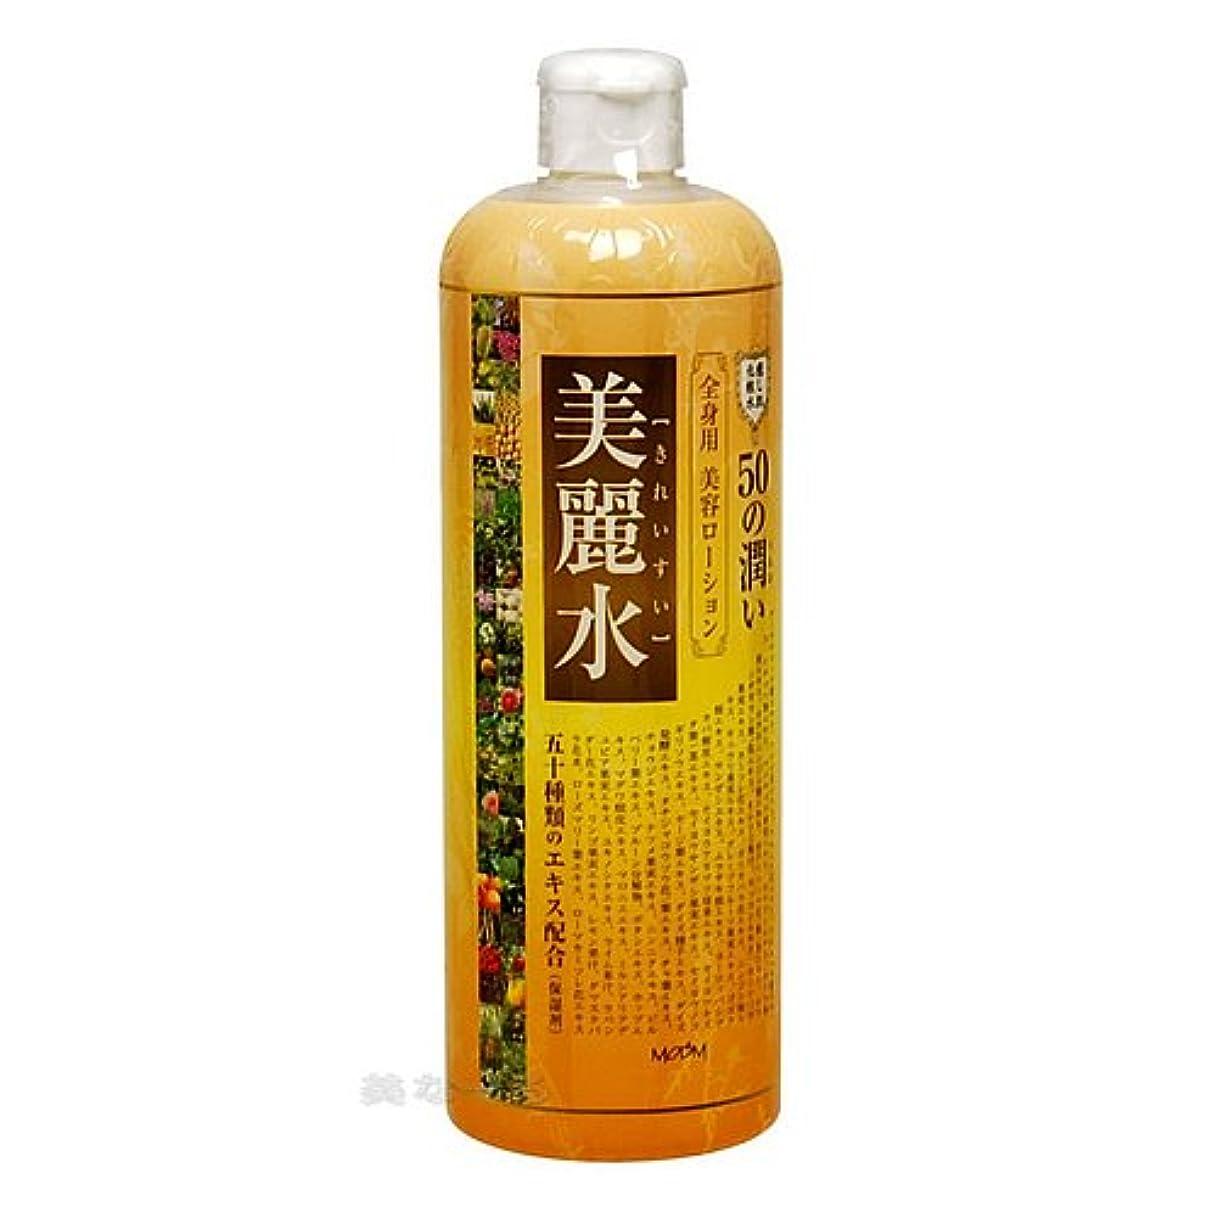 ライン司法グループモデム ナチュラルウォーター50 【美麗水】